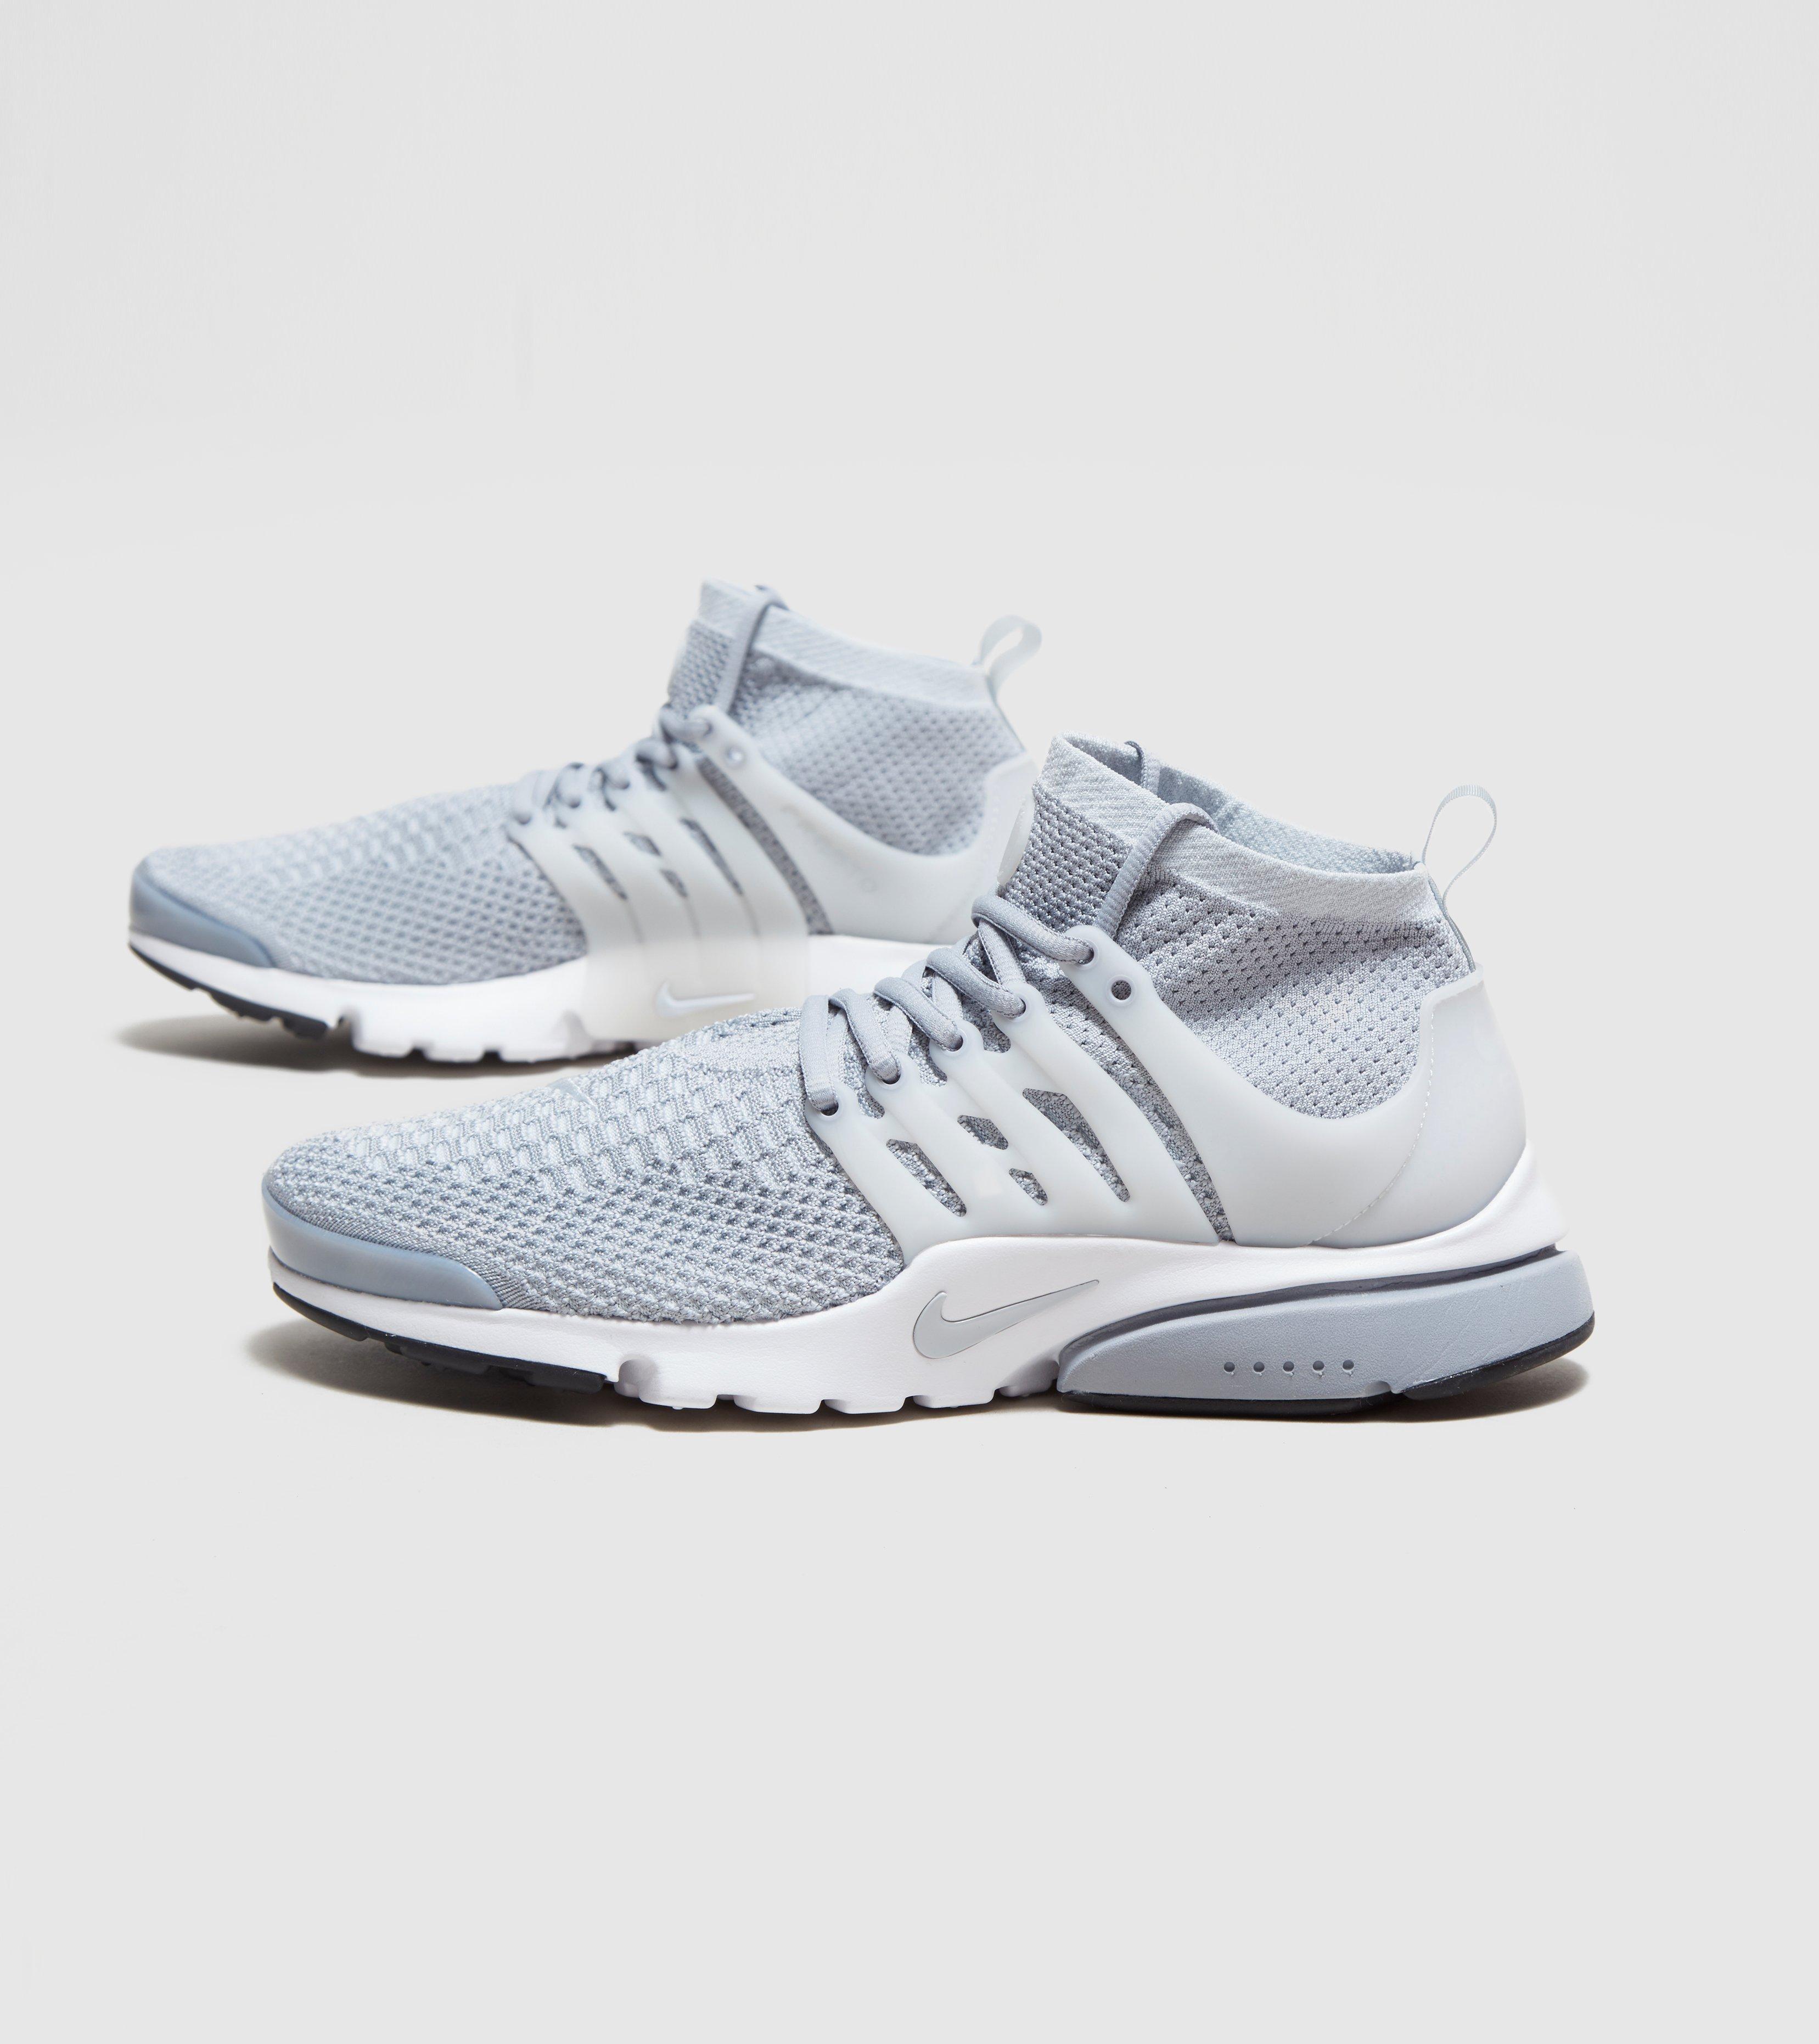 Presto Grey